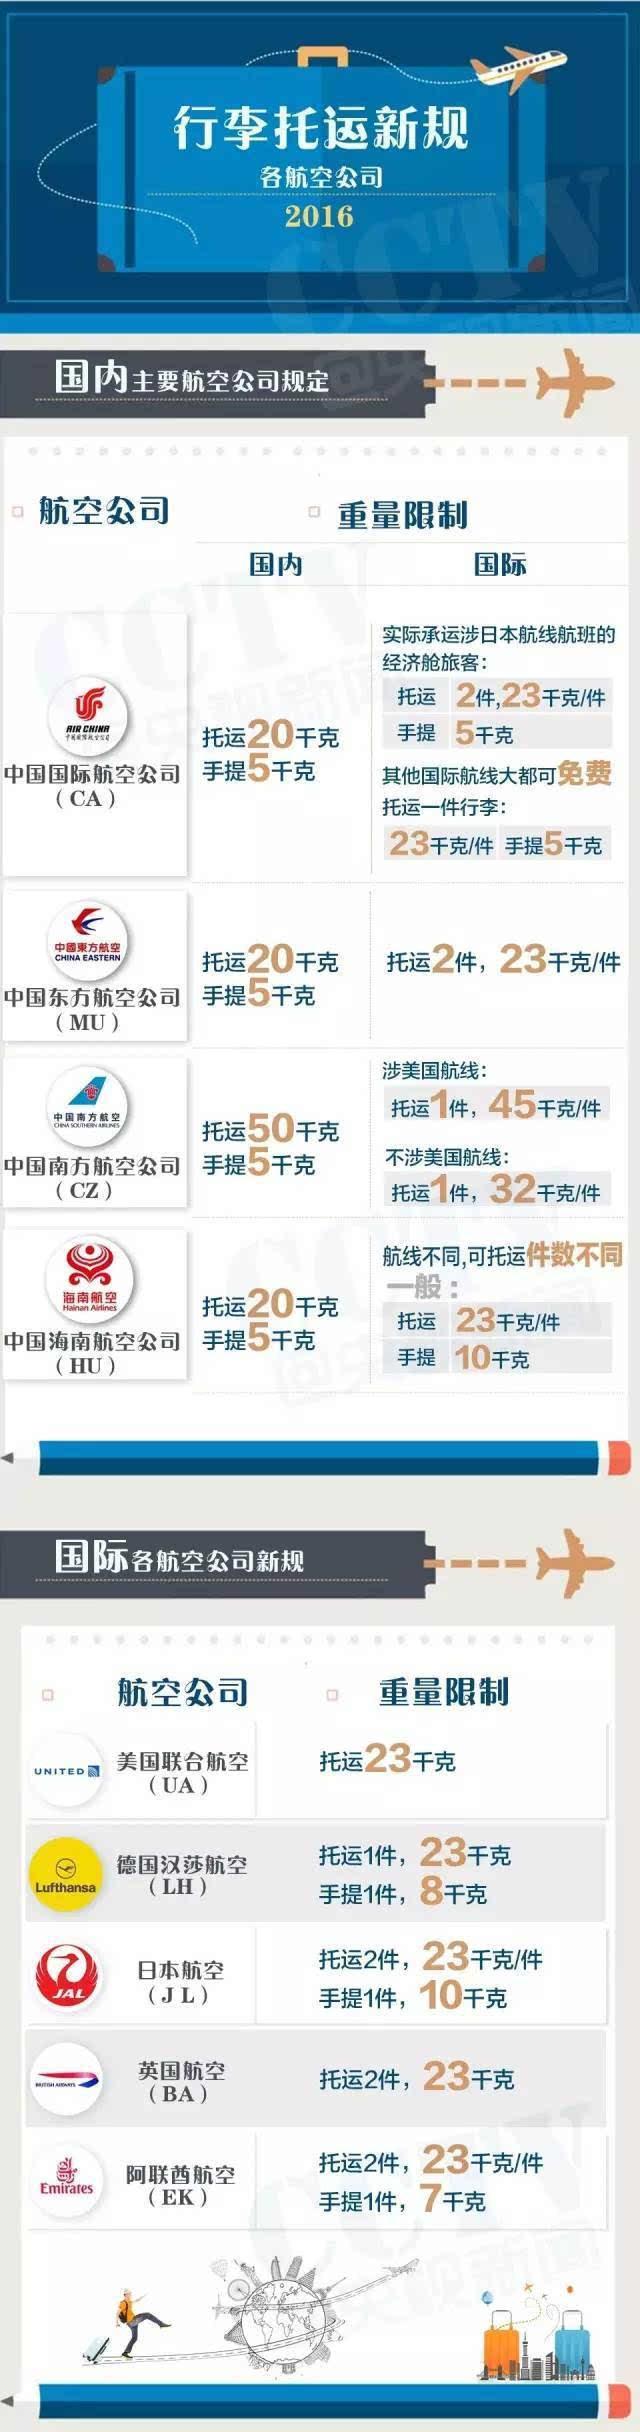 航空公司最新免费行李托运规定